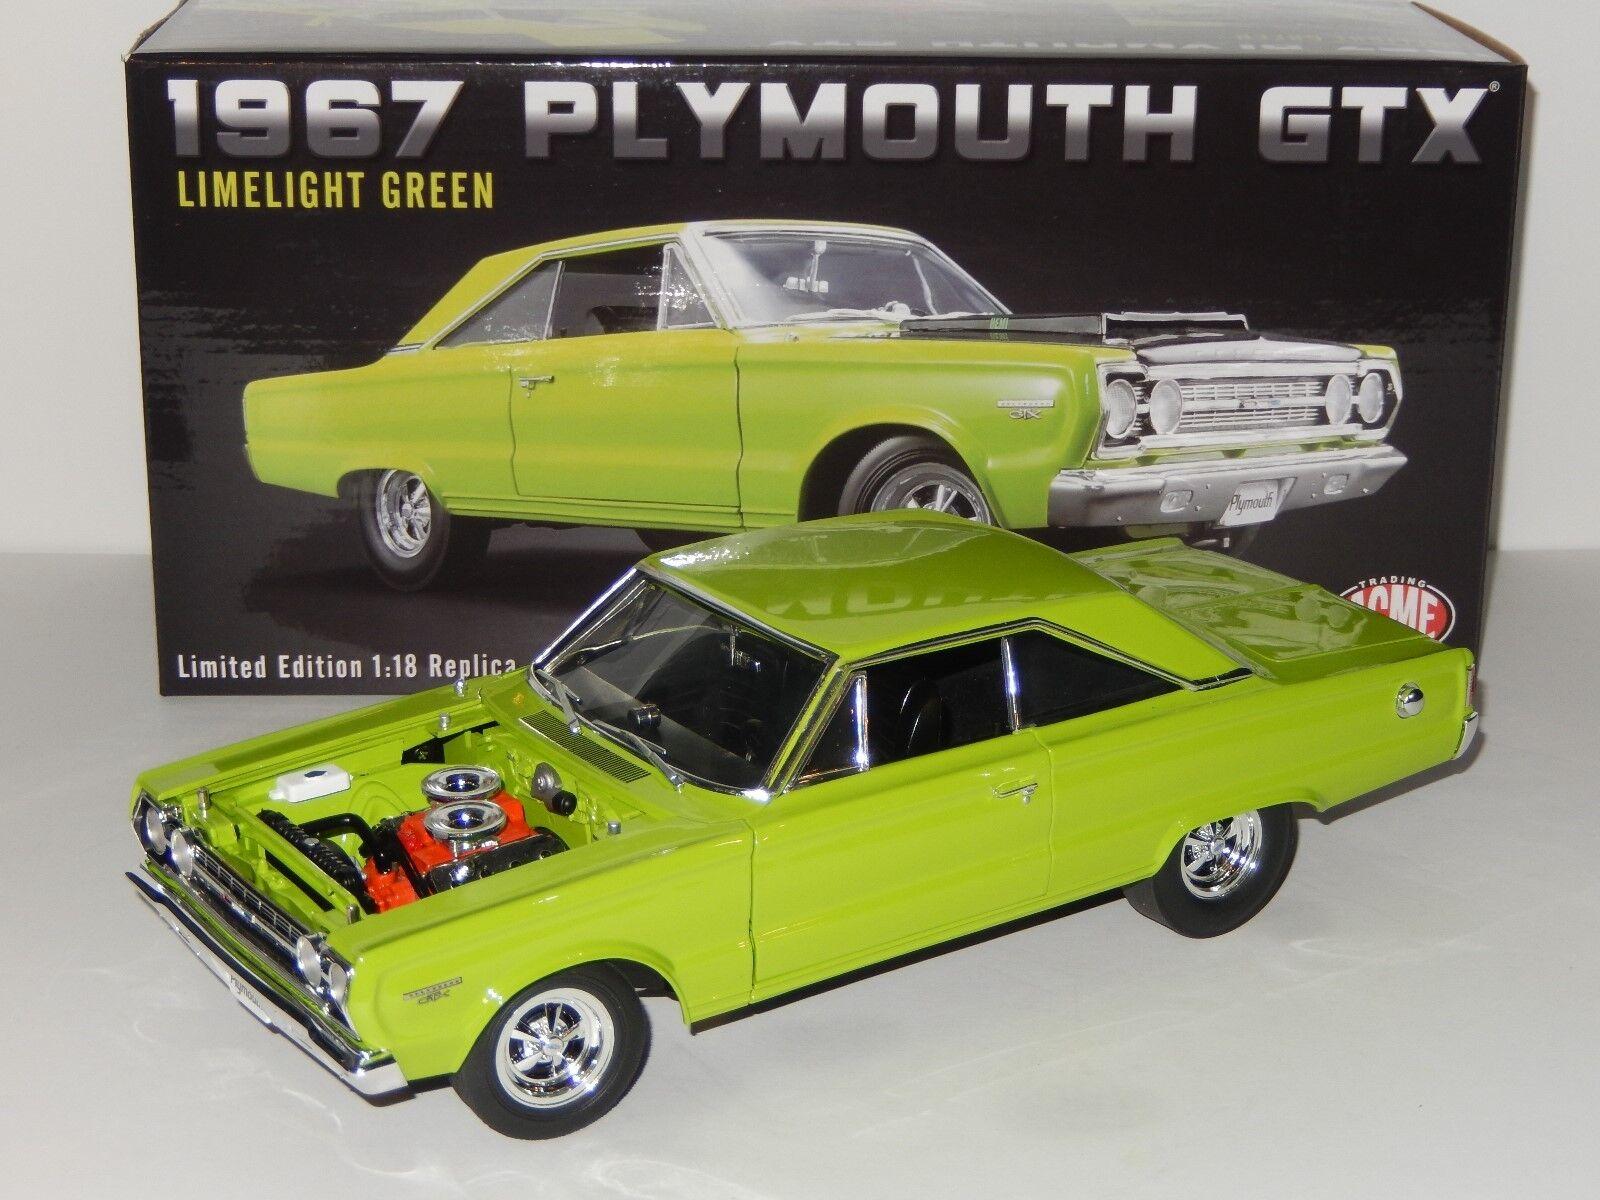 Escala 1 18 GMP Acme 1967 Plymouth Gtx, artículo A1806703, linelight verde